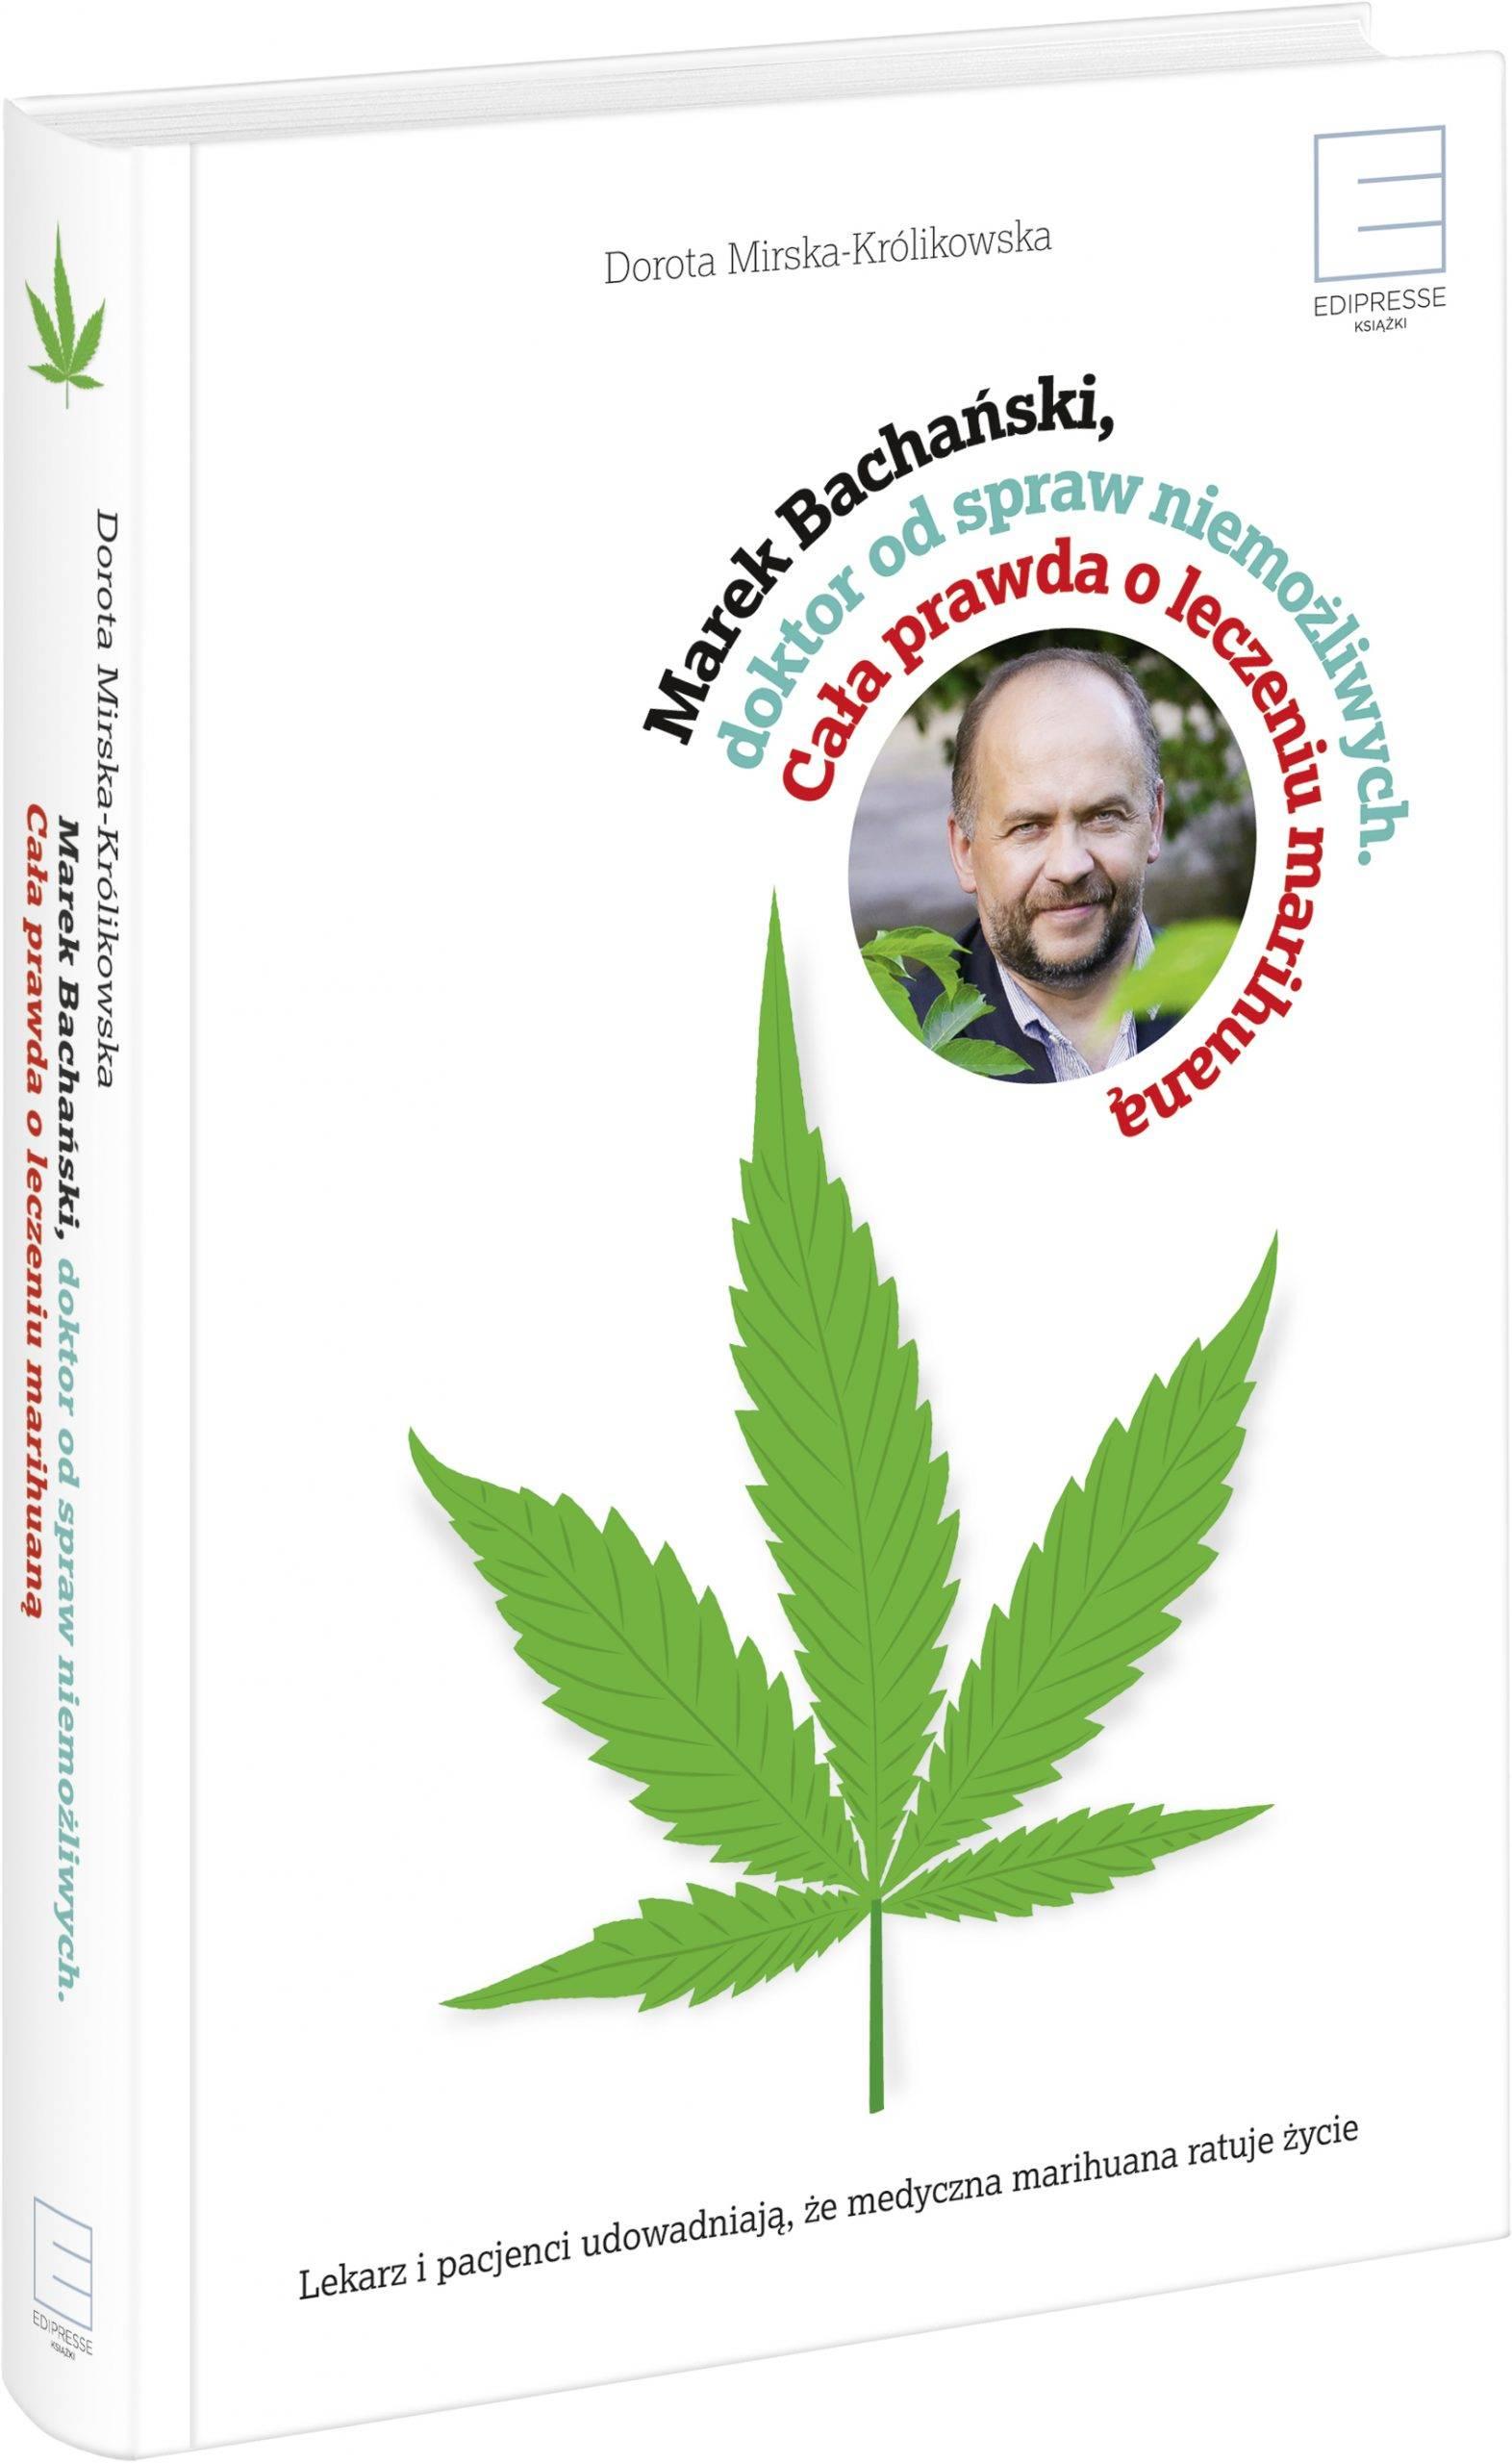 """Książka Doroty Mirskiej-Królikowskiej o medycznej marihuanie """"Marek Bachański, doktor od spraw niemożliwych. Cała prawda o leczeniu marihuaną"""" - okładka."""